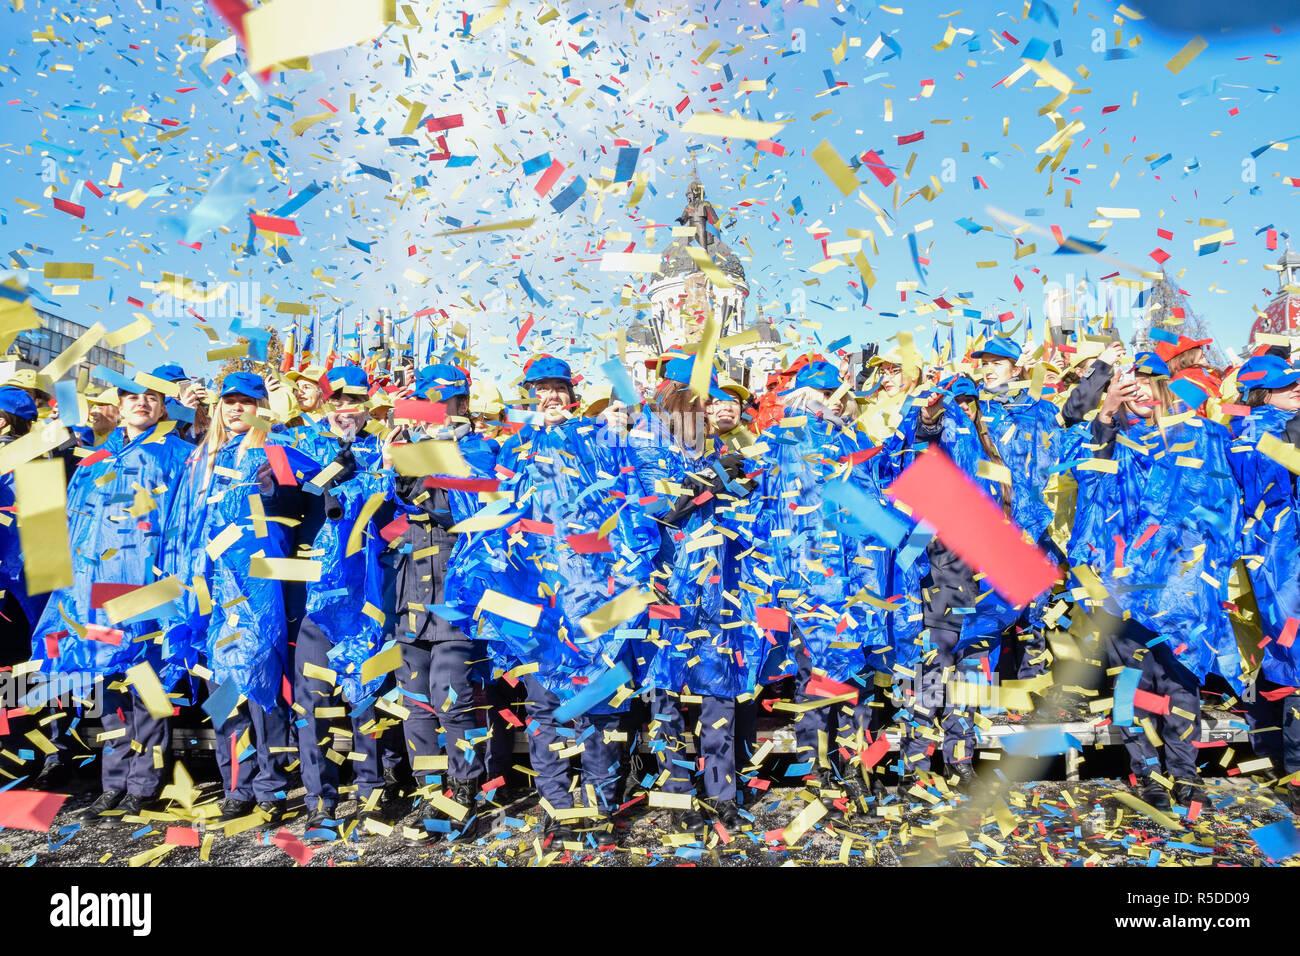 Cluj-Napoca, Rumania01 de diciembre de 2018. Rumania celebra 100 años desde la Gran unificación con confeti y daylight fuegos artificiales en la Plaza Avram Iancu, Cluj-Napoca. Crédito: Vadim Ungureanu / Alamy Live News Imagen De Stock